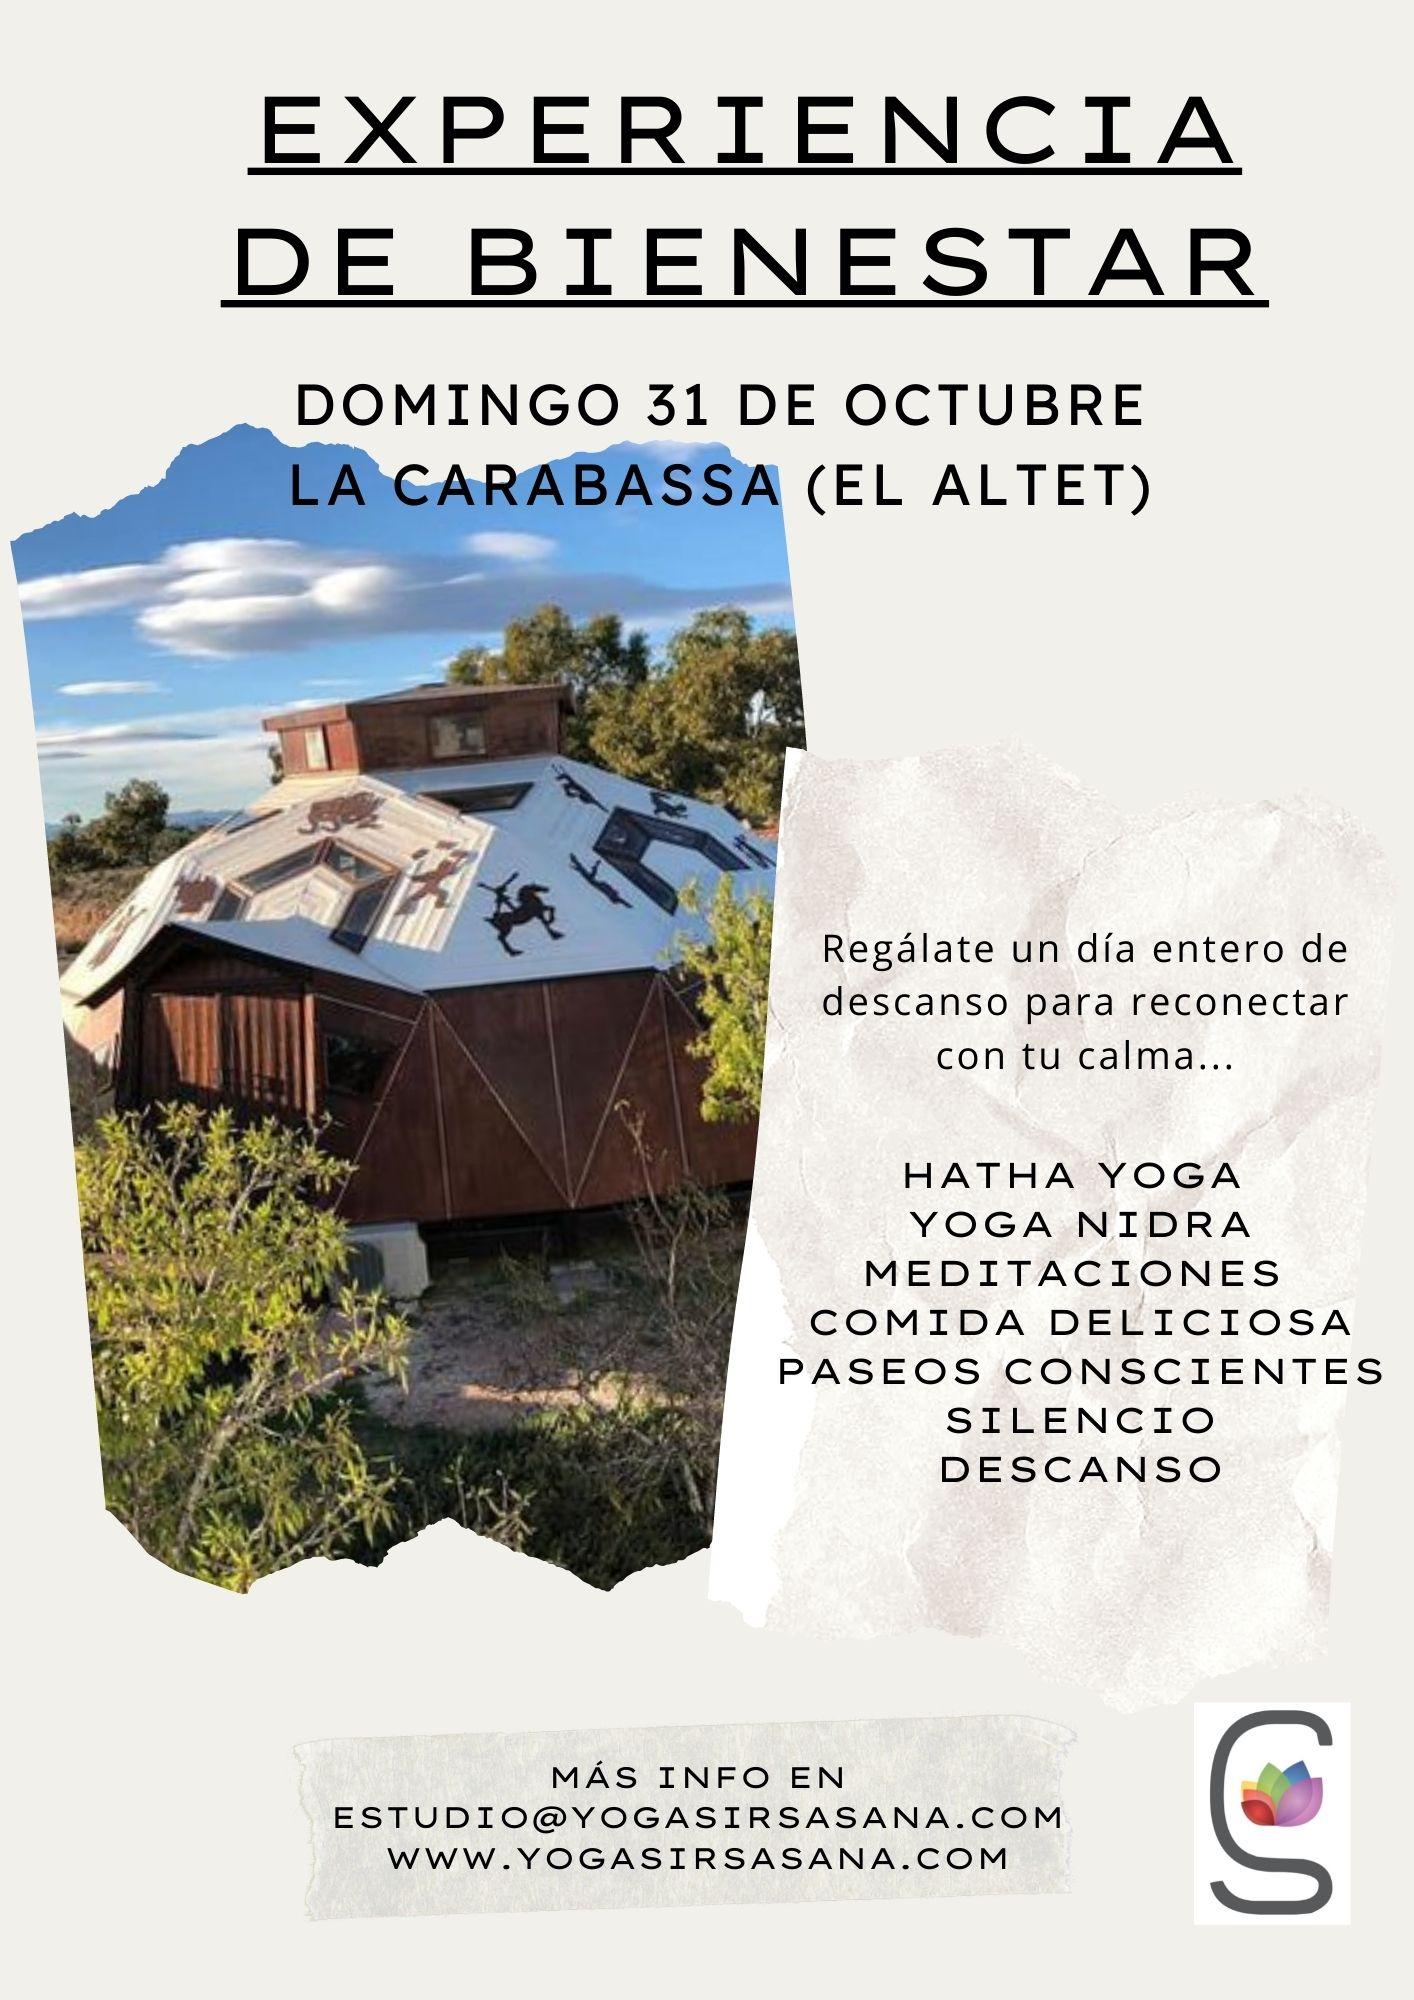 Yoga Sirsasana Experiencia de Bienestar